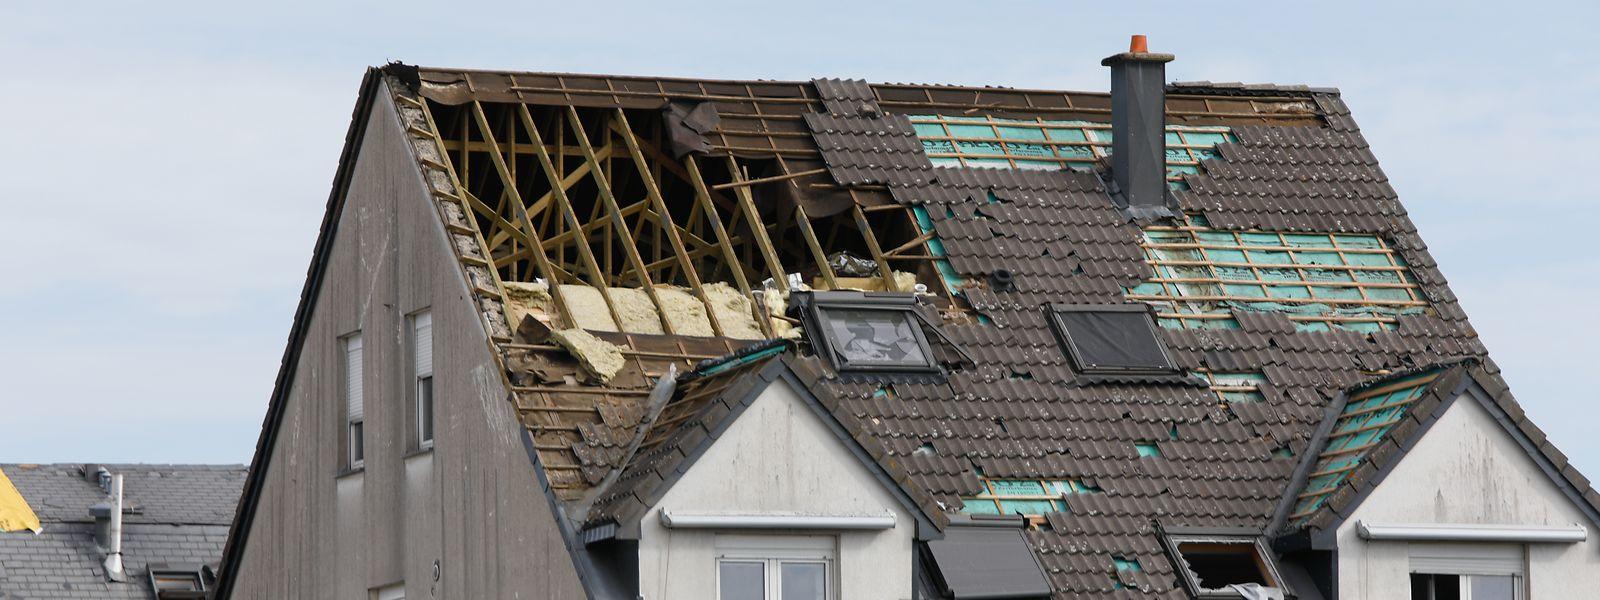 Nach dem Tornado sind viele Häuser stark beschädigt.